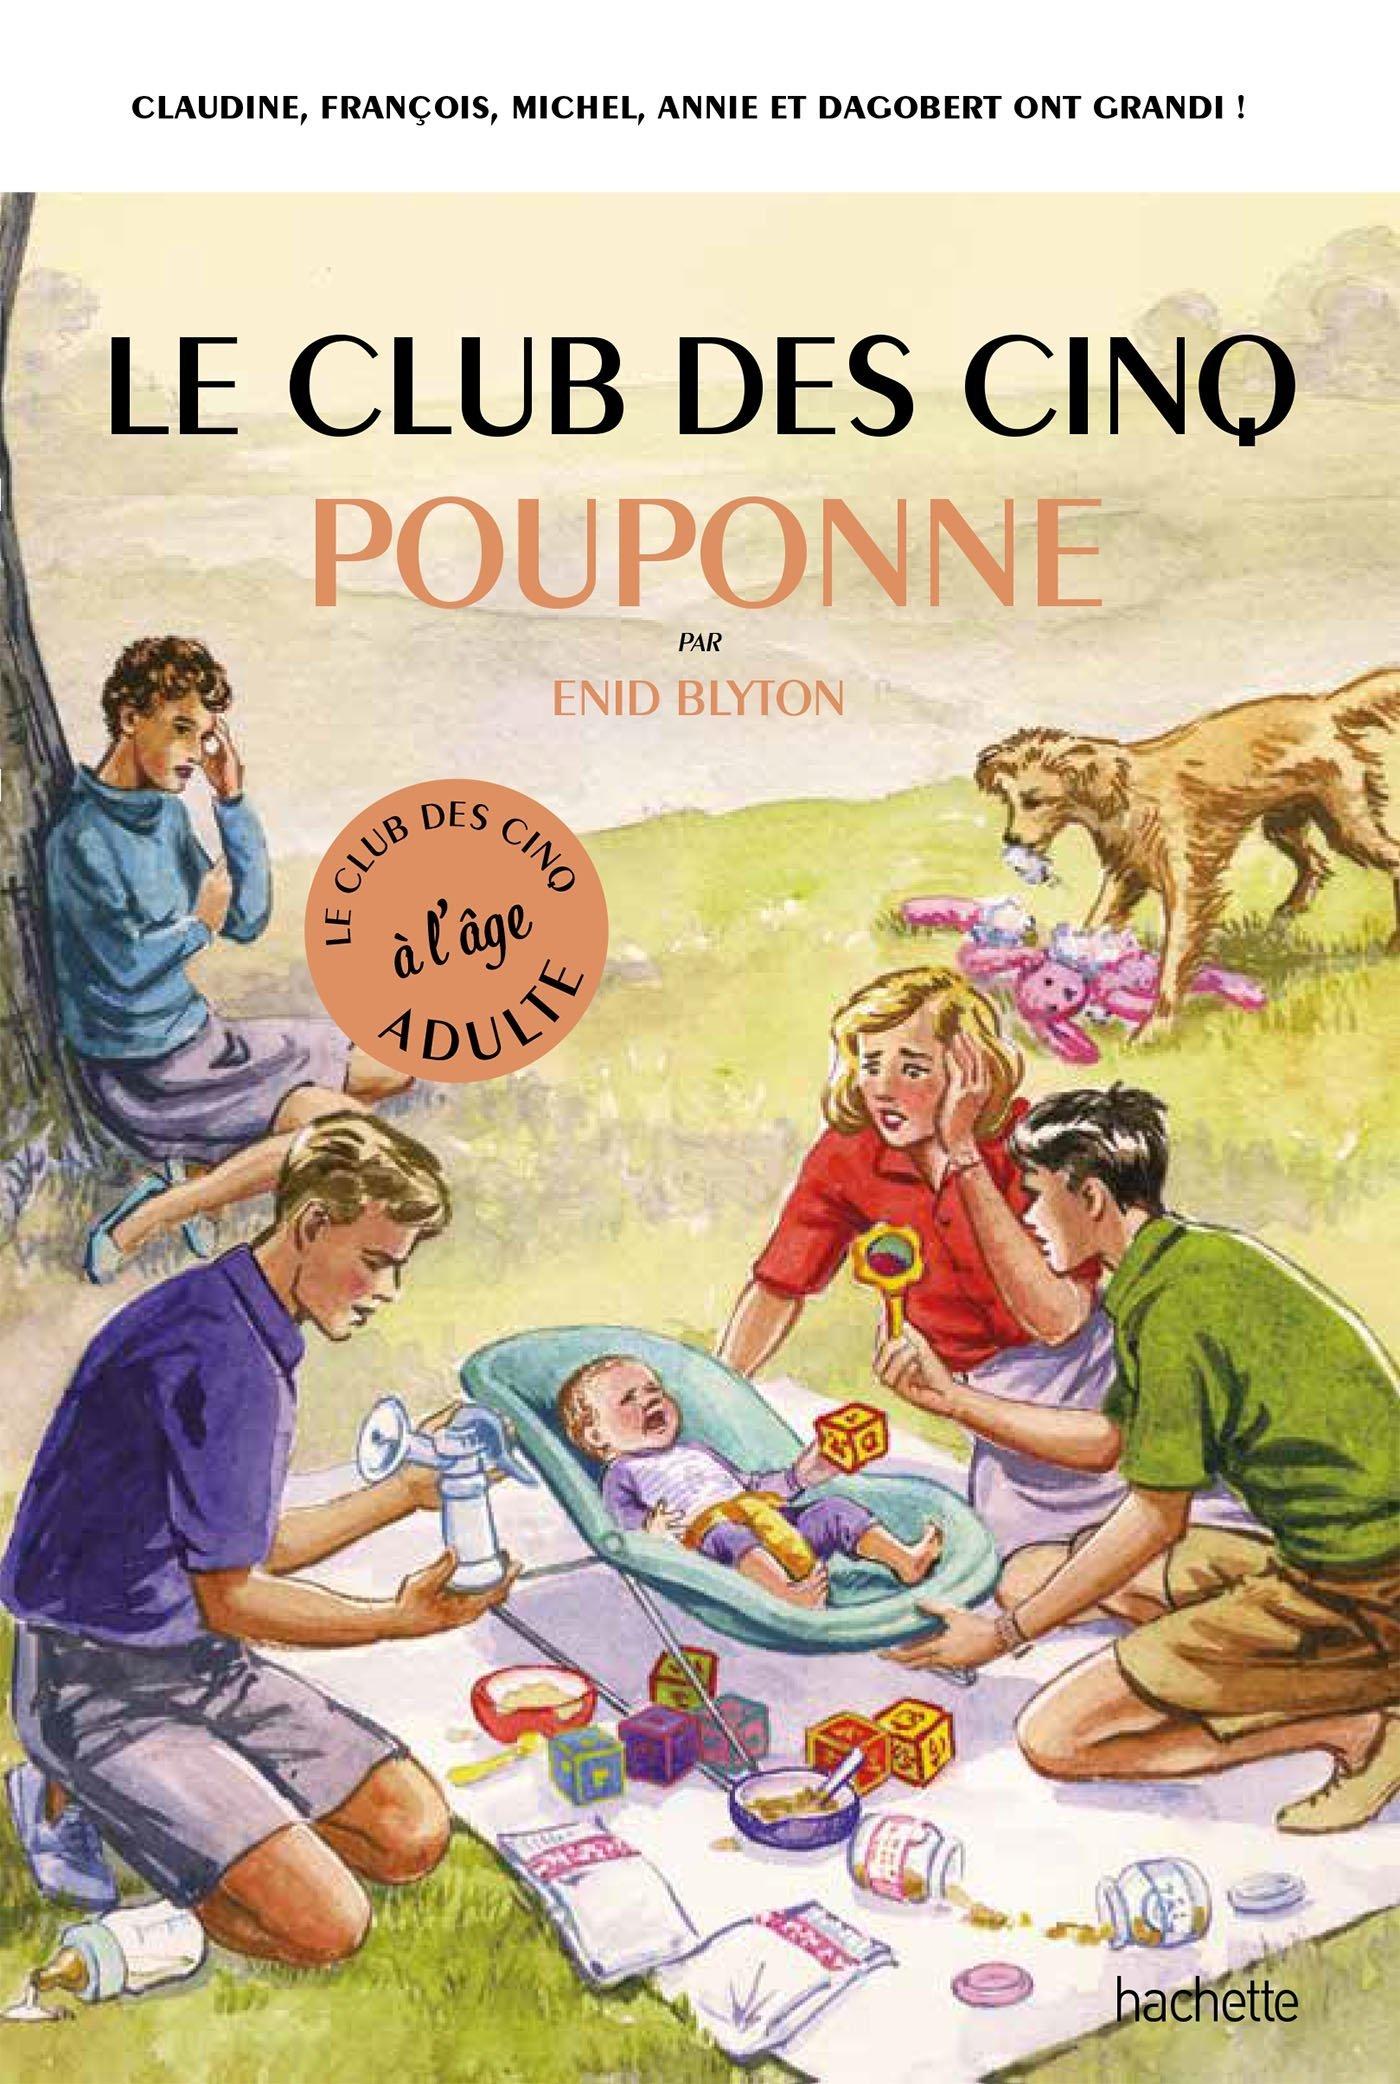 Le Club des 5 pouponne Relié – 19 septembre 2018 Bruno Vincent Hachette Pratique 2017068861 Romans humoristiques